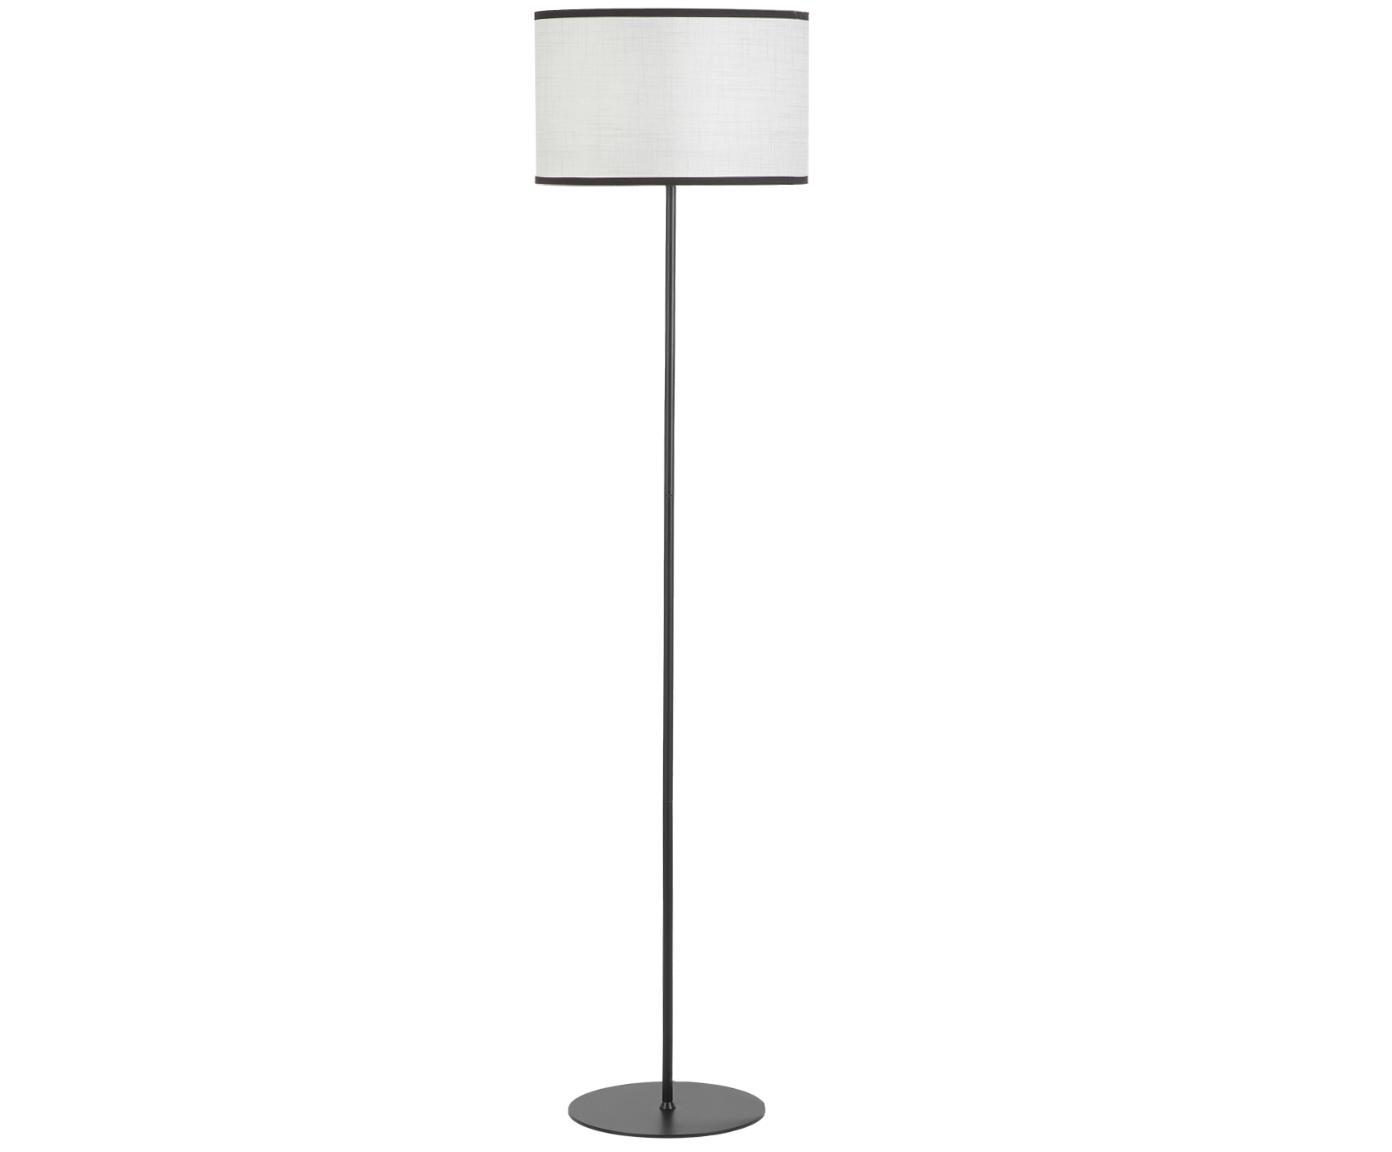 Stehlampe Claudette aus Leinen, Lampenschirm: Leinen, strukturiert, Baldachin: Metall, pulverbeschichtet, Creme, Schwarz, Ø 40 x H 165 cm